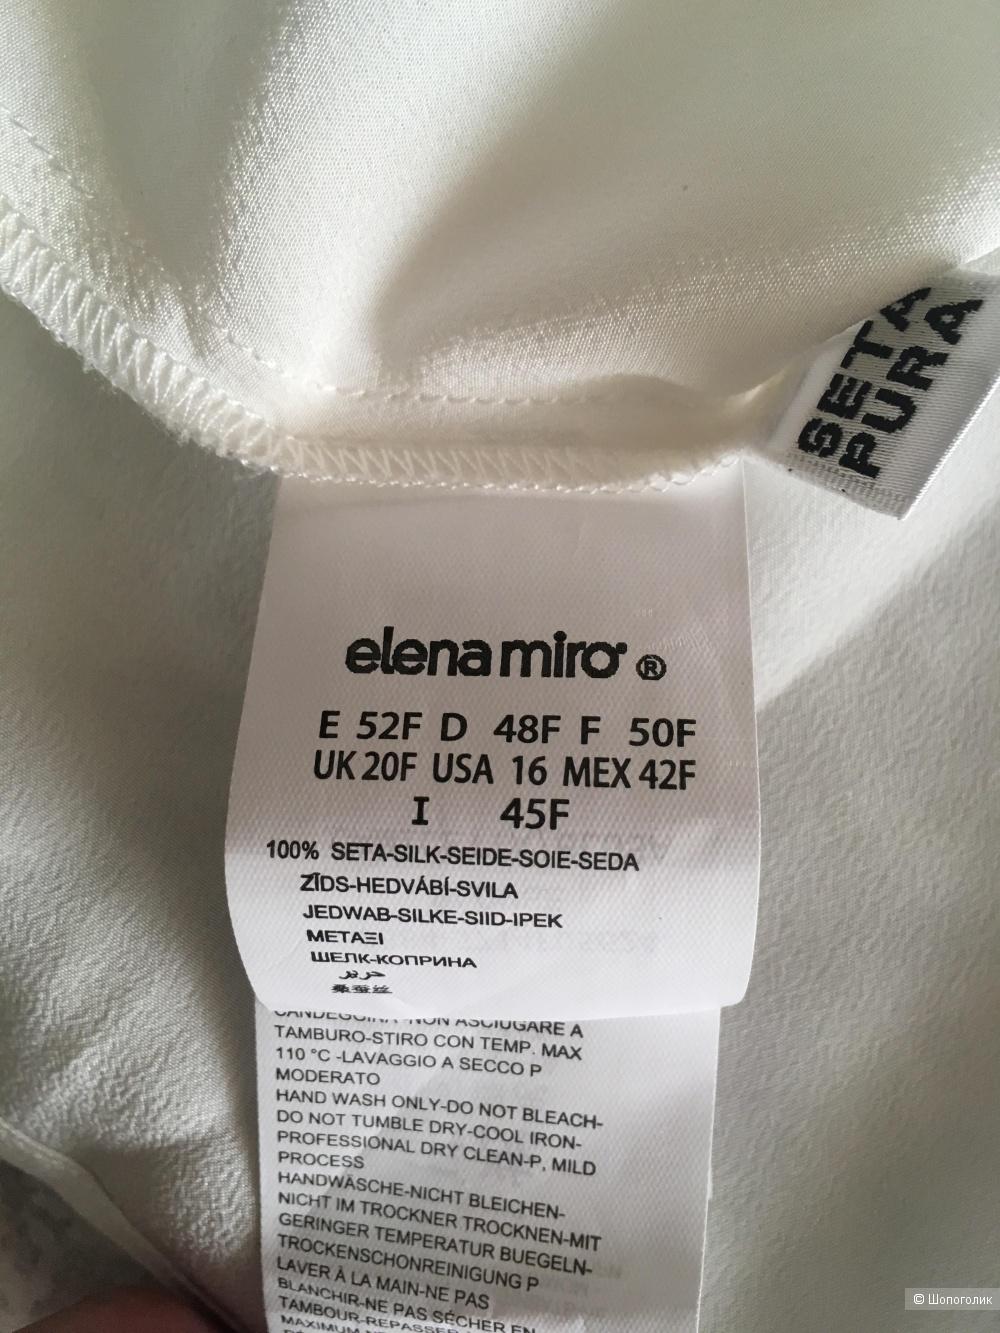 Блузка Elena Miro, 16 (USA).